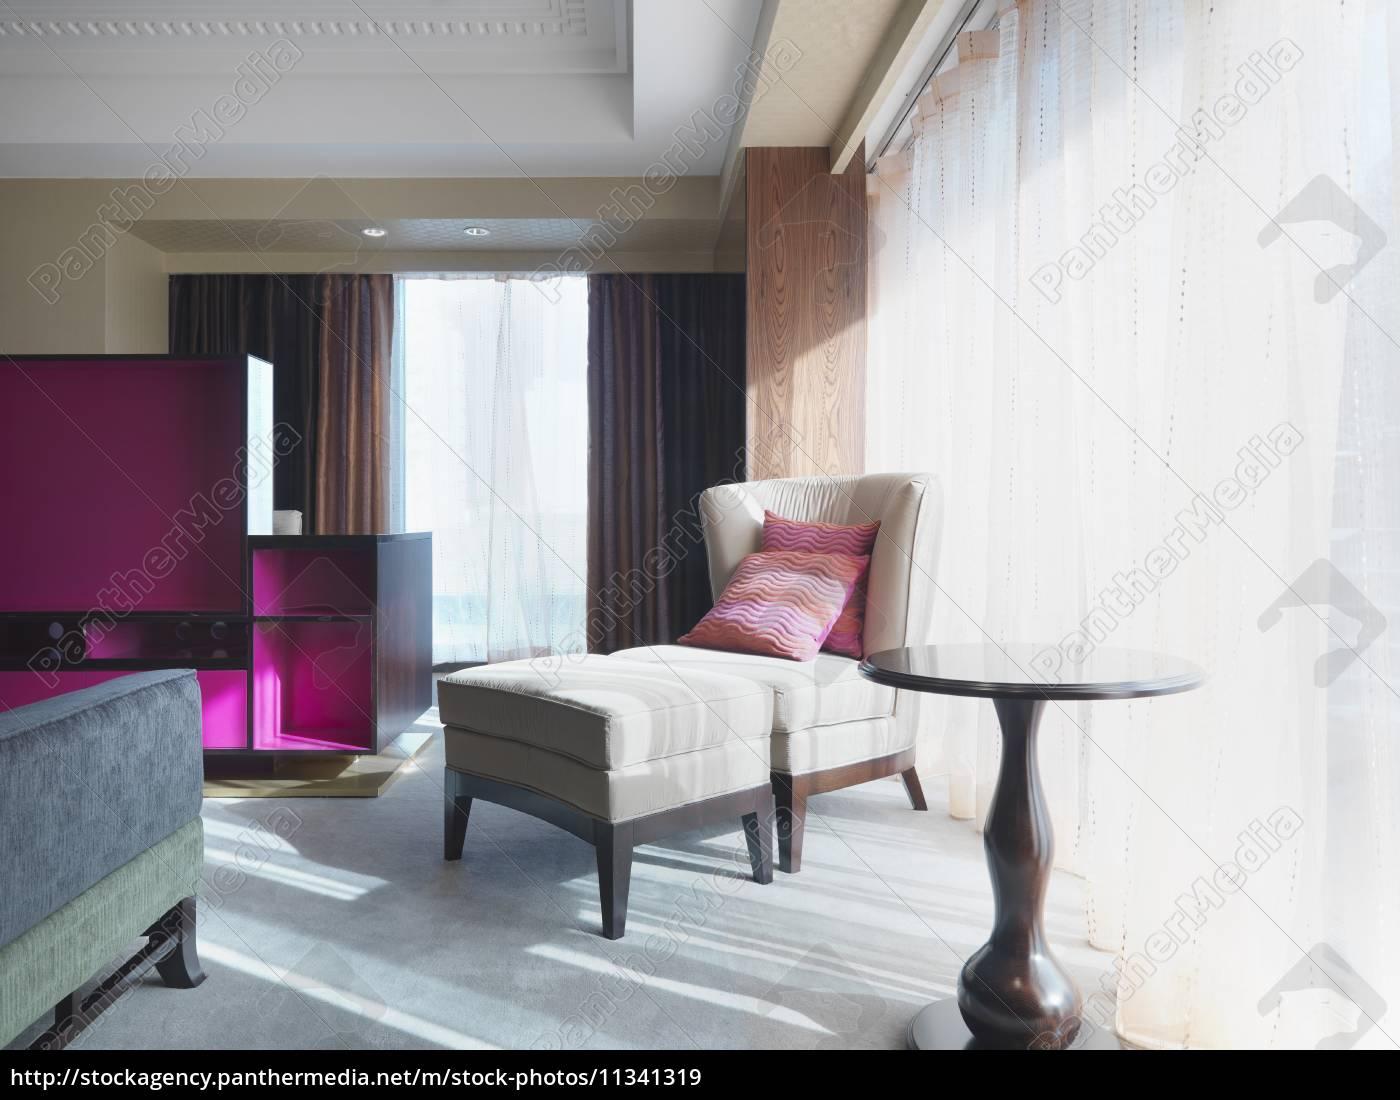 Lizenzfreies Bild 11341319 - stuhl und ottomane im schlafzimmer neben  fenster